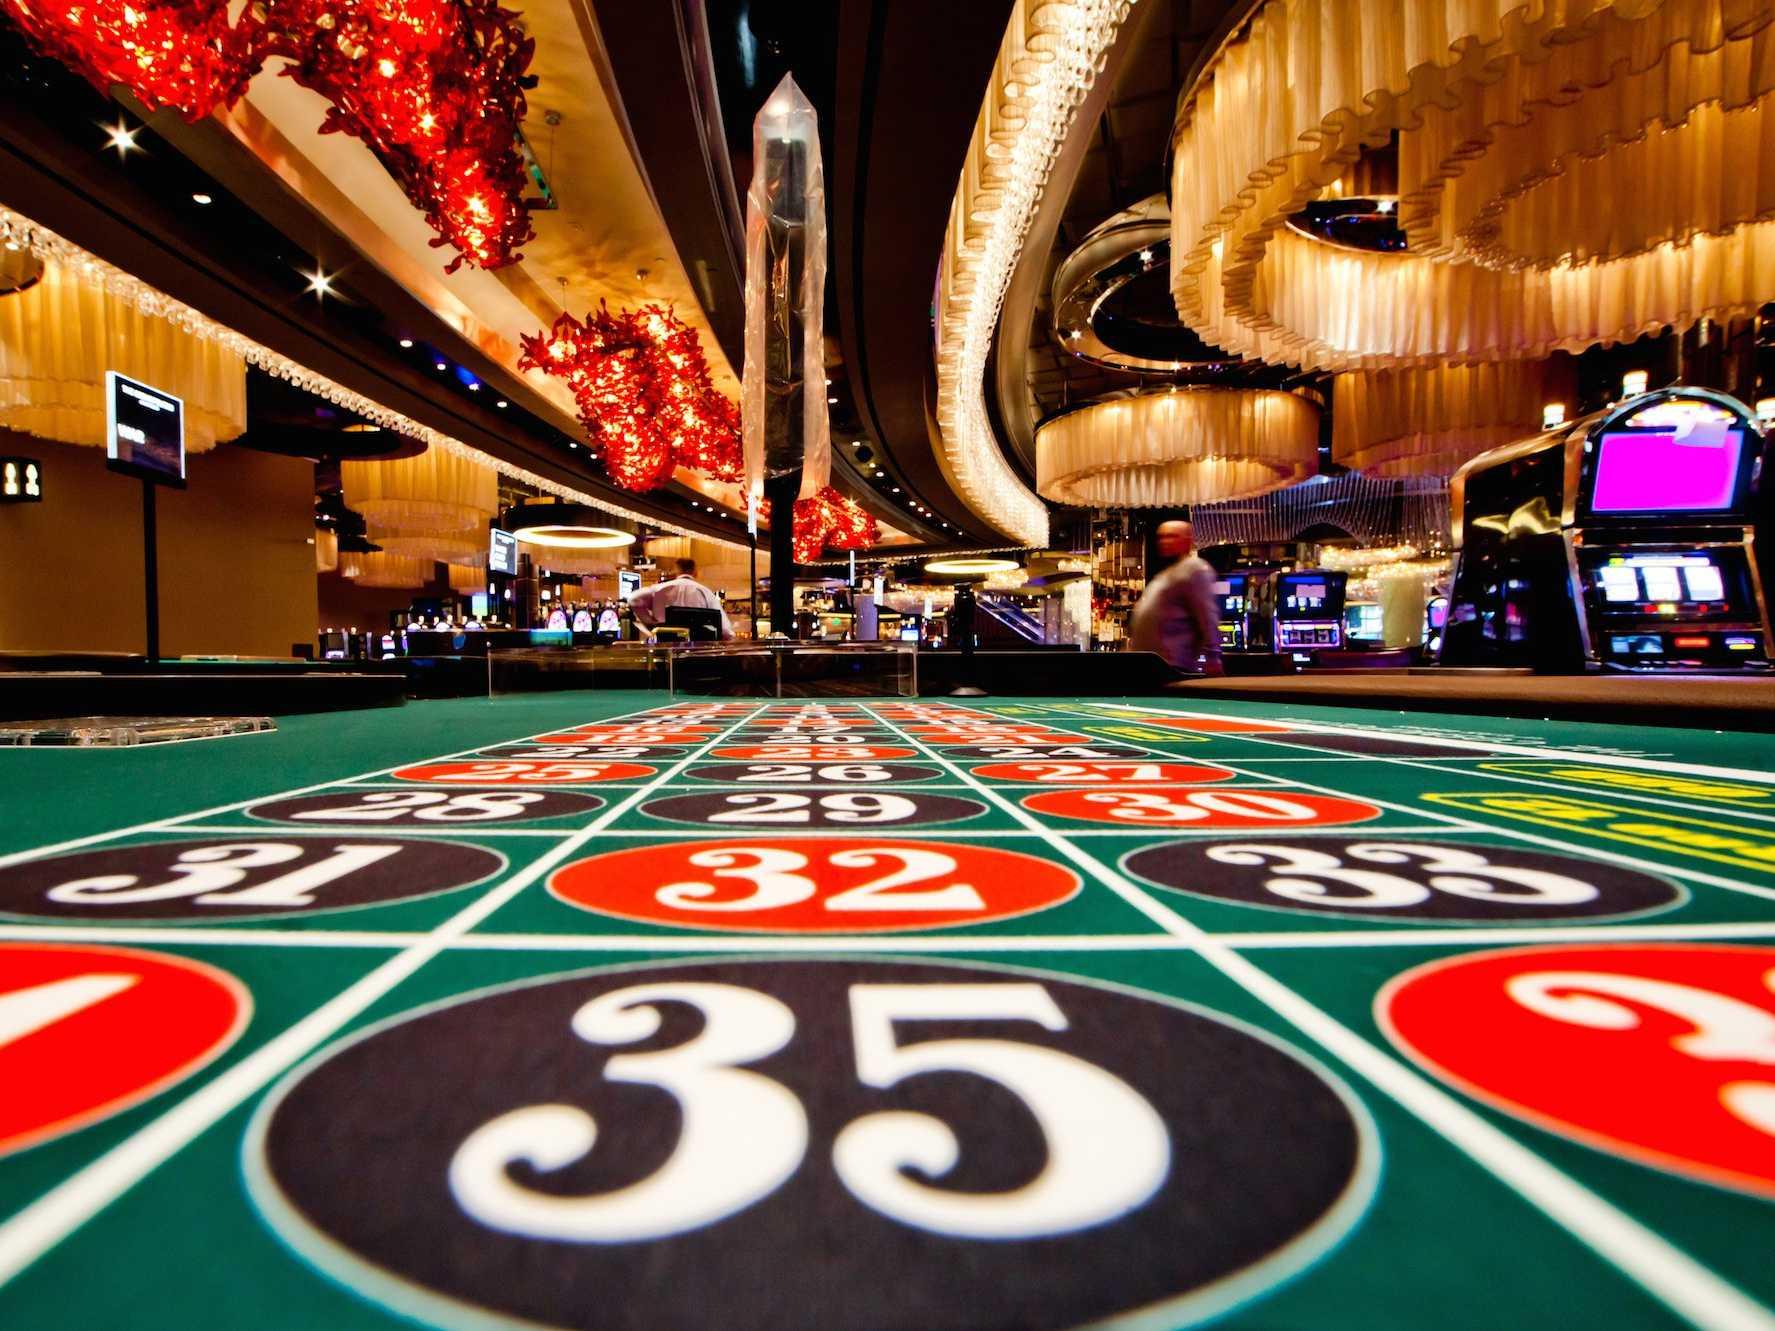 Casino en ligne gratuit : trouver des conseils